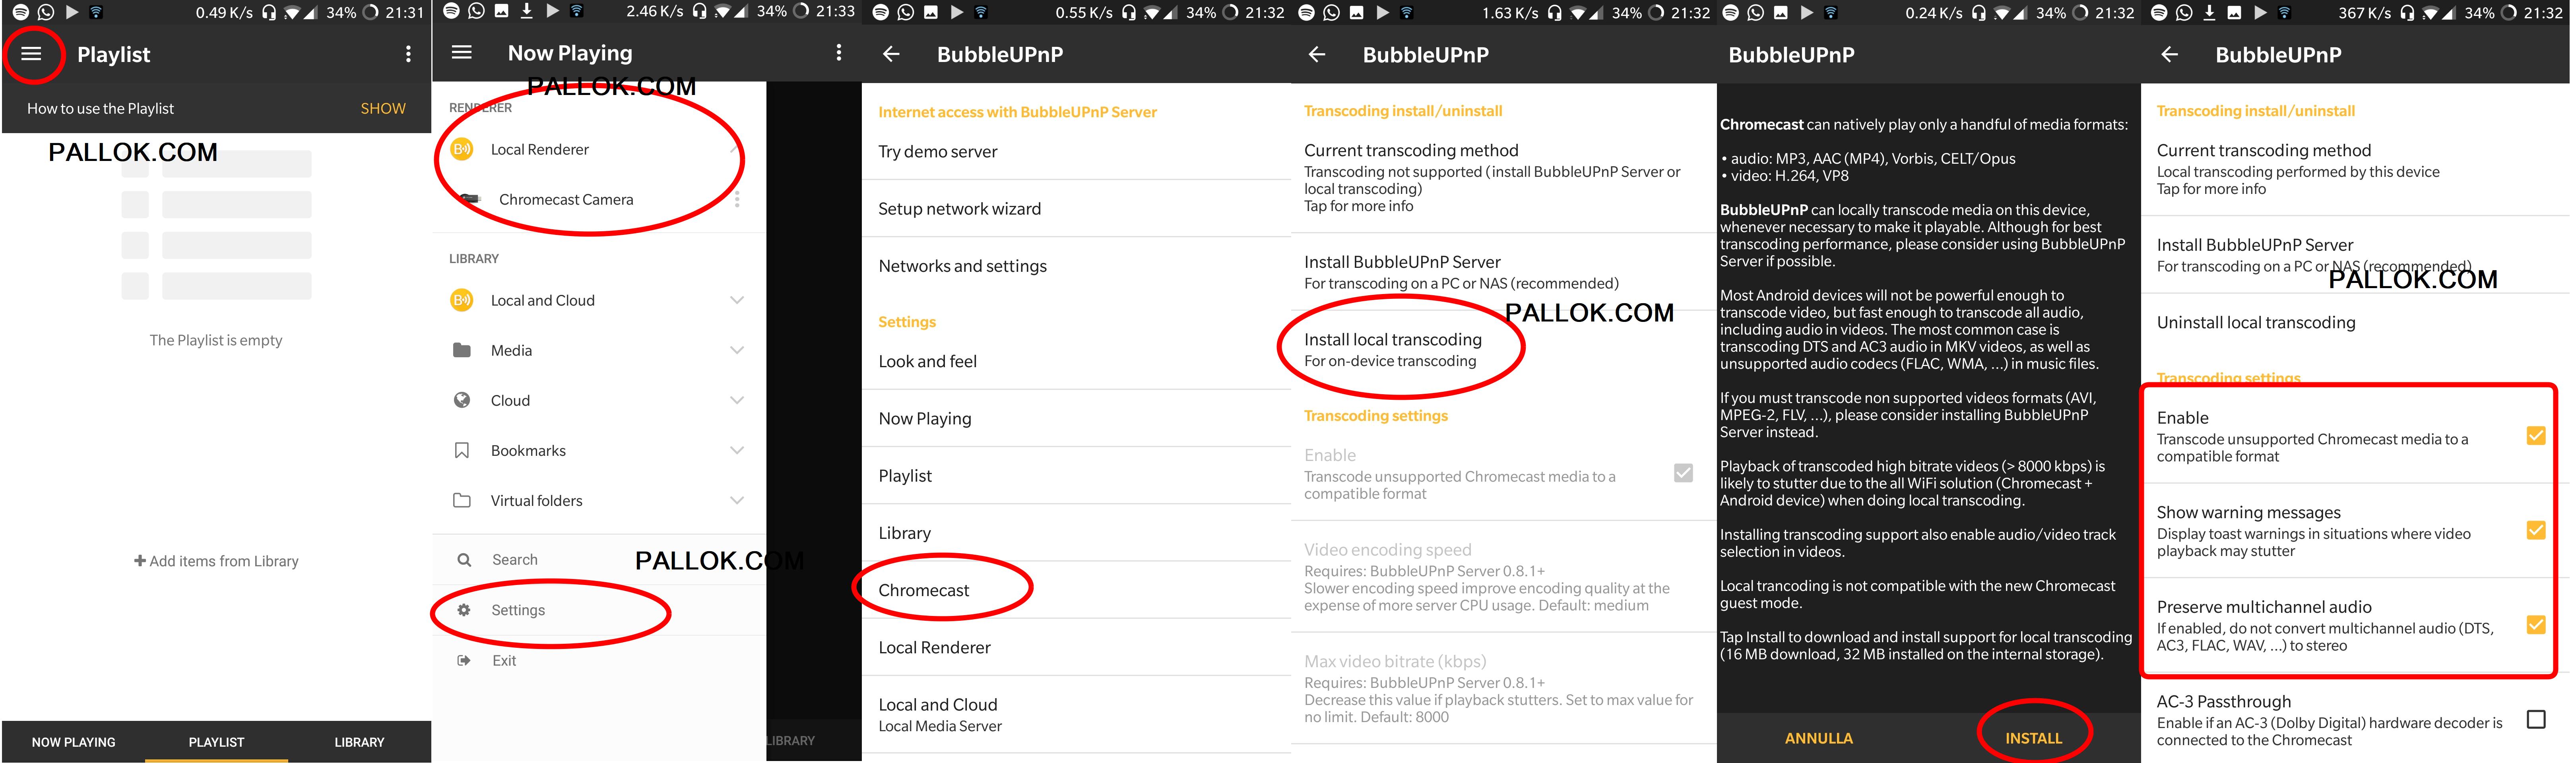 Iptv App Android Chromecast